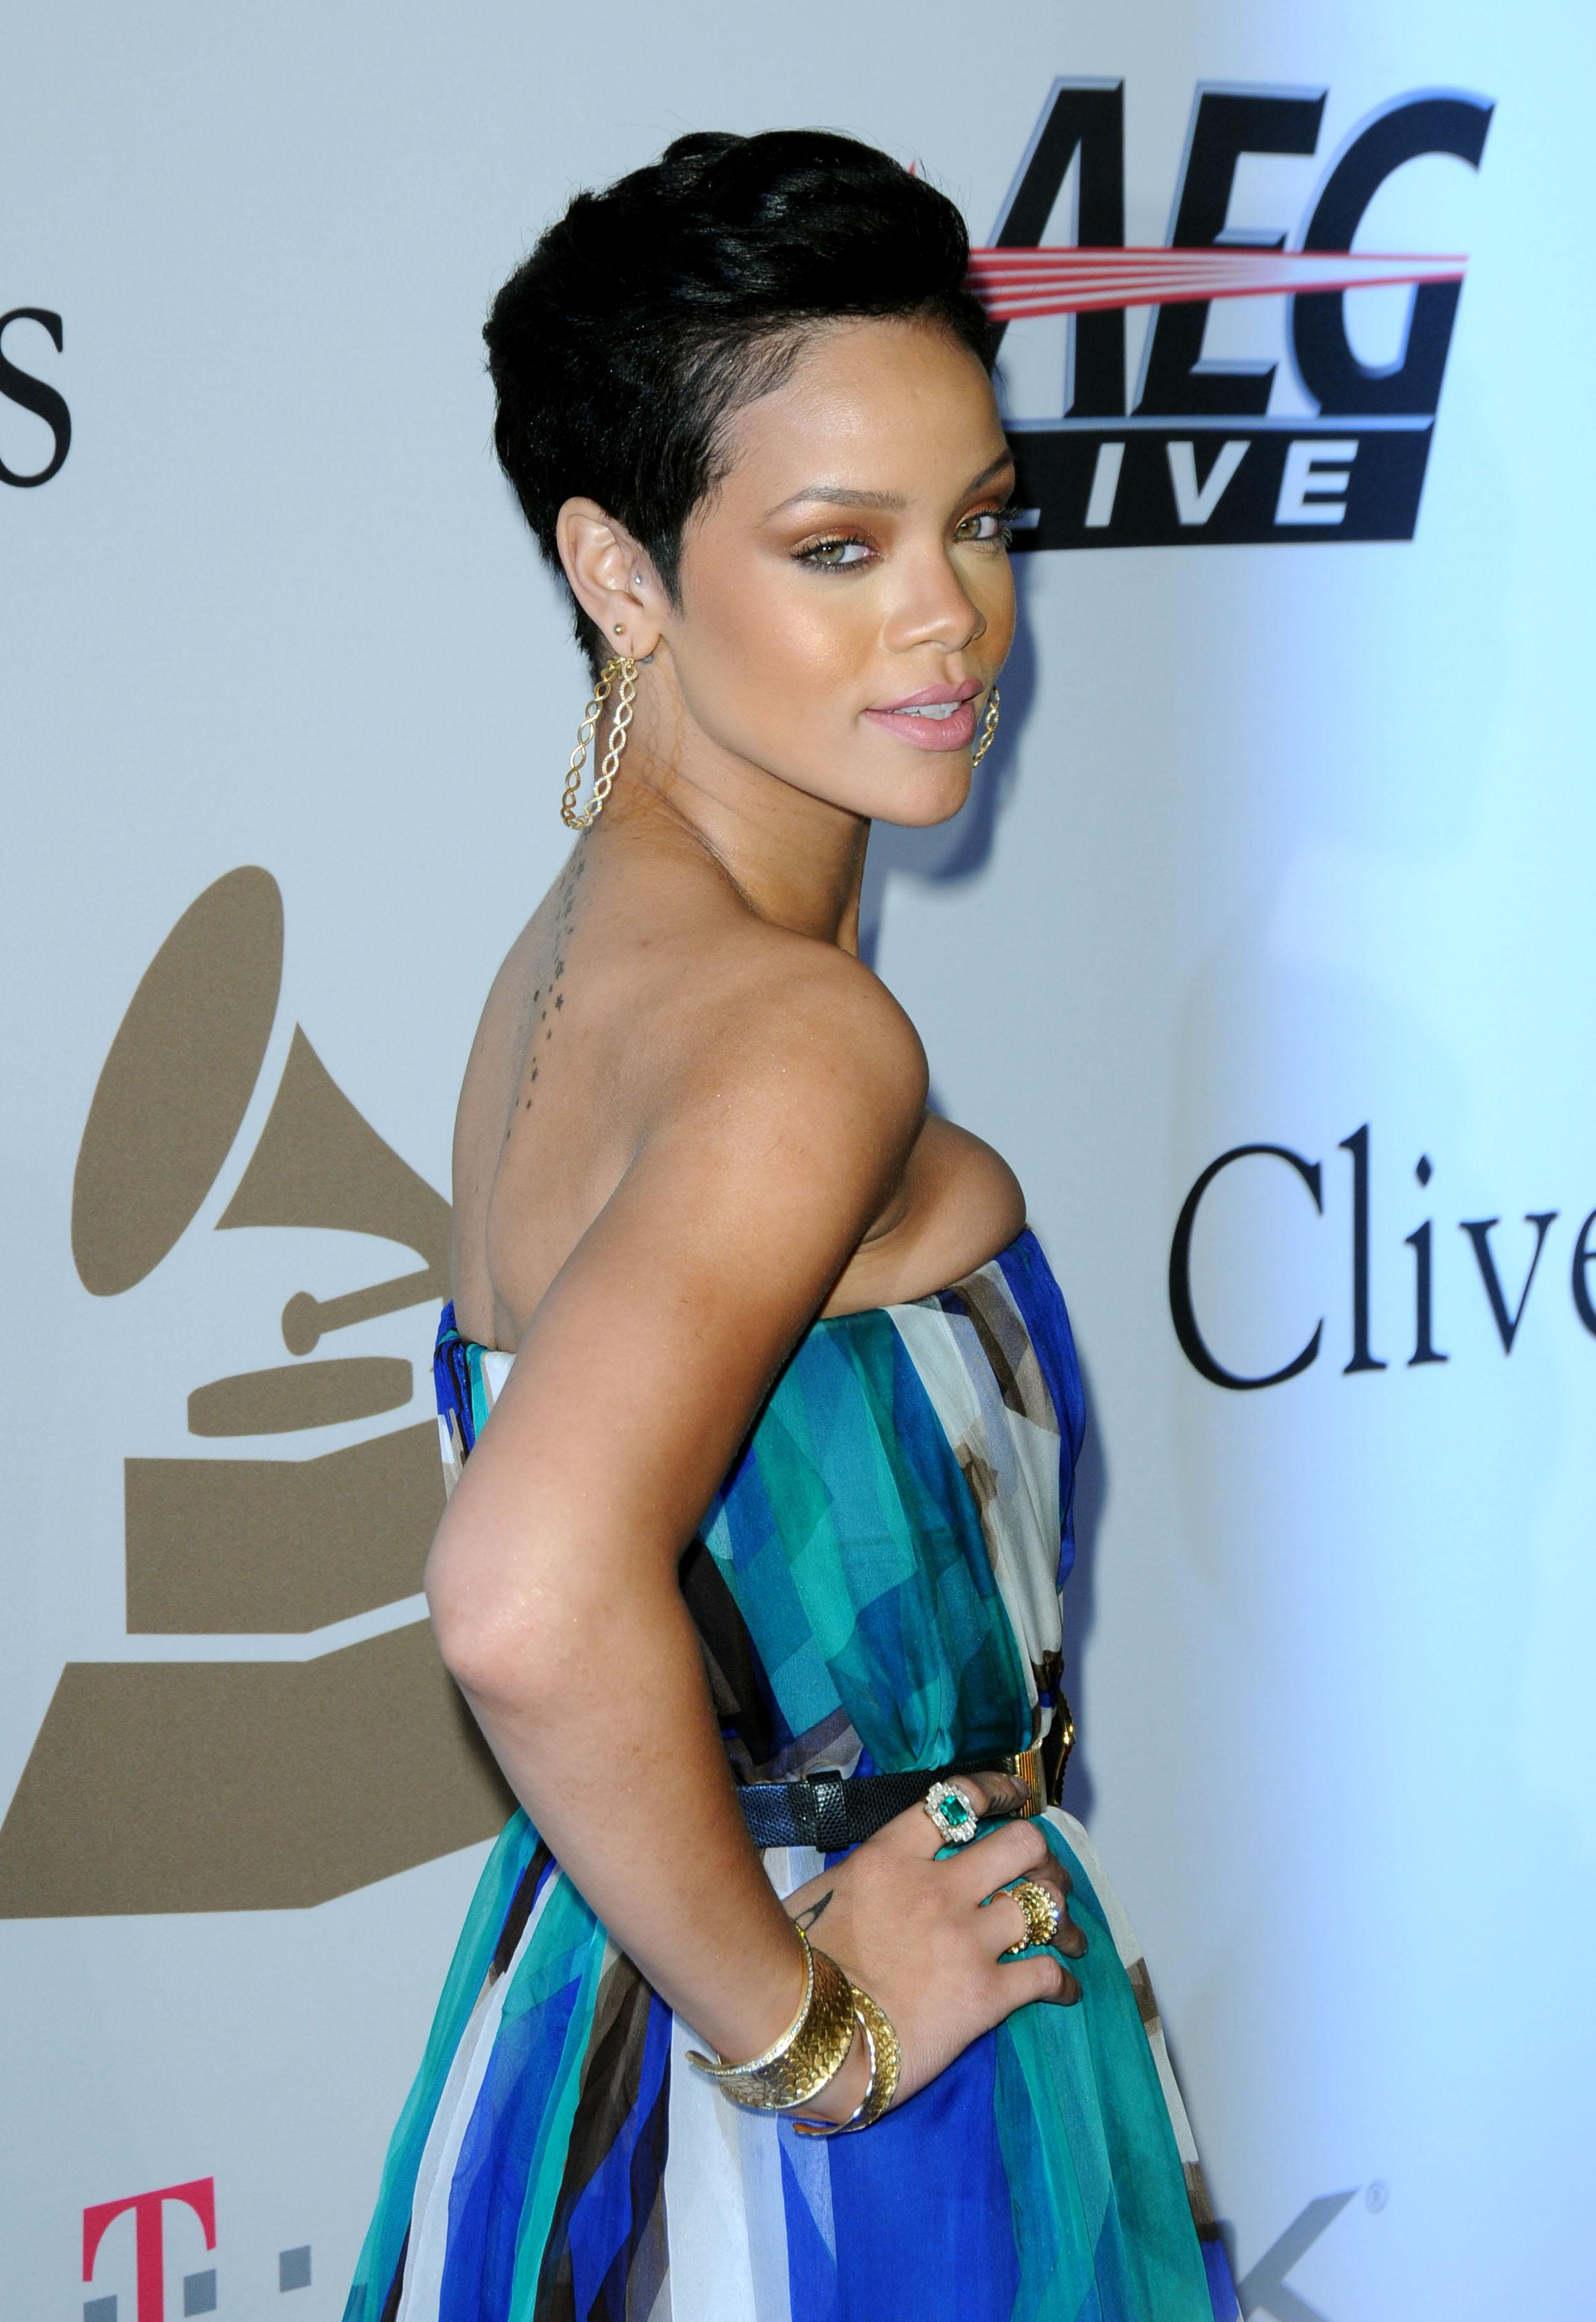 847112463_RihannaCliveDavis7_122_479lo.jpg